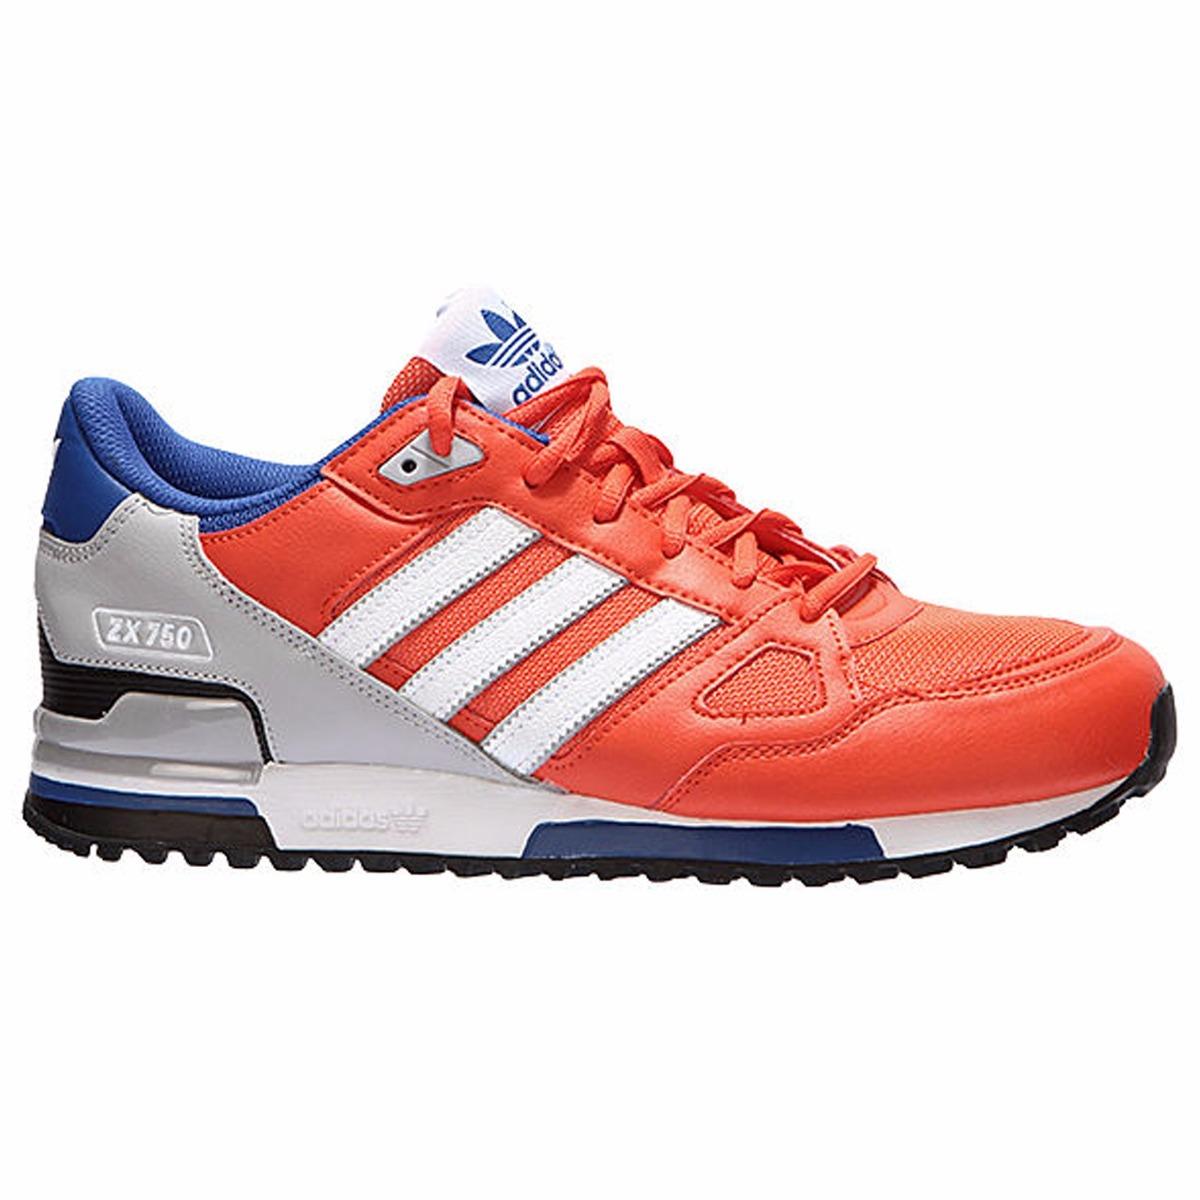 8b5c27a112a34 ... shop tenis originals zx 750 adidas s79193 b8483 ce9f9 ...